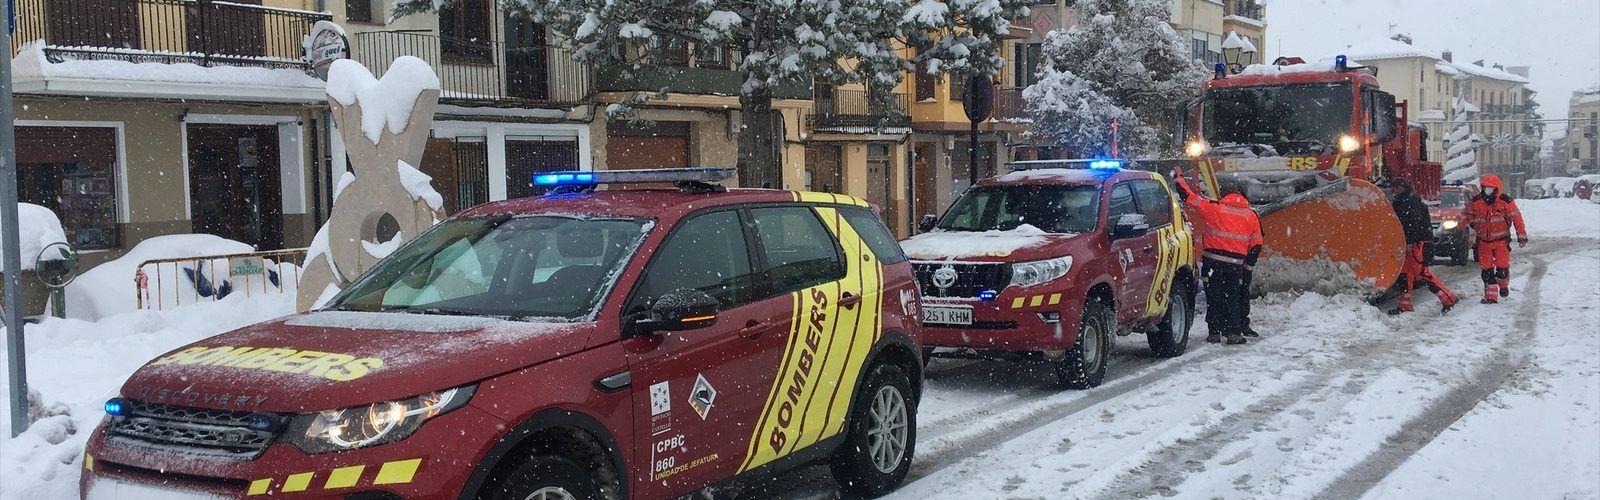 Tarde de sábado también con intenso trabajo de los bomberos por las nevadas